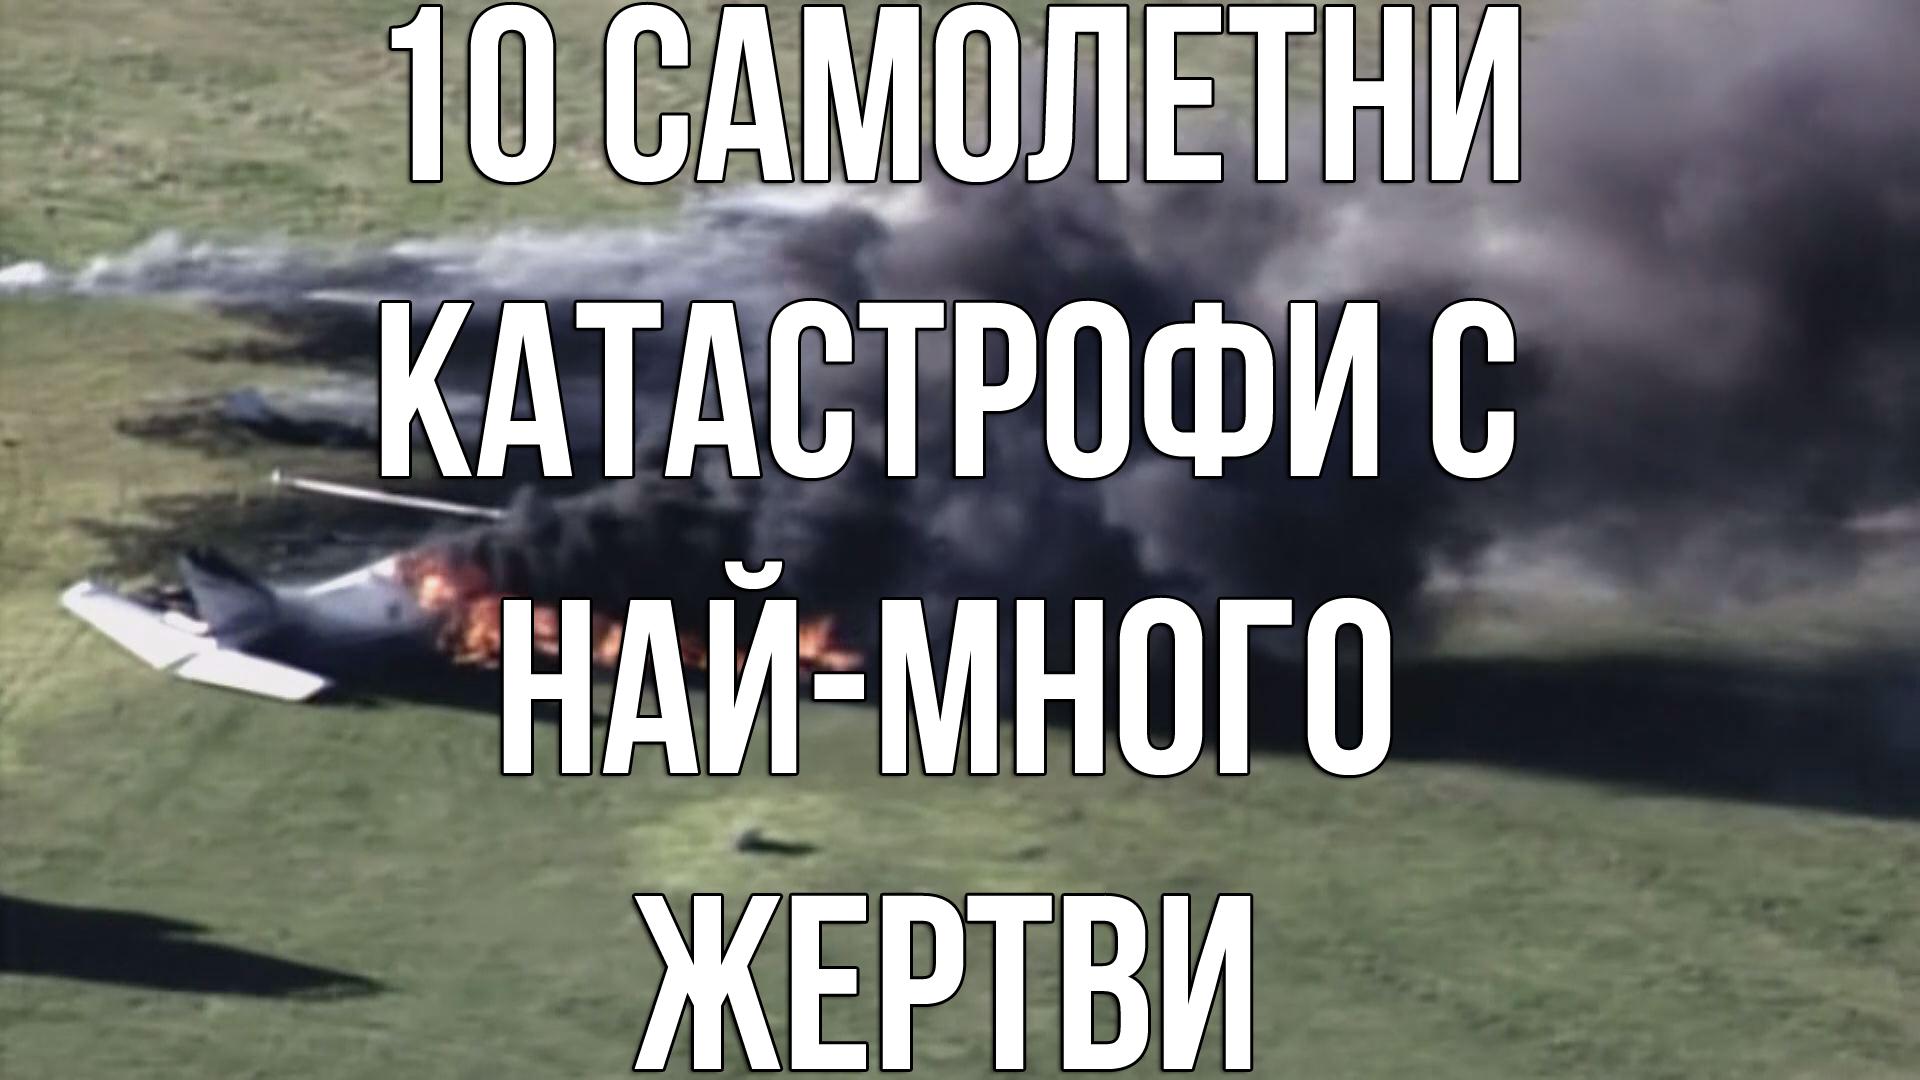 Класация : 10 самолетни катастрофи с най-много жертви